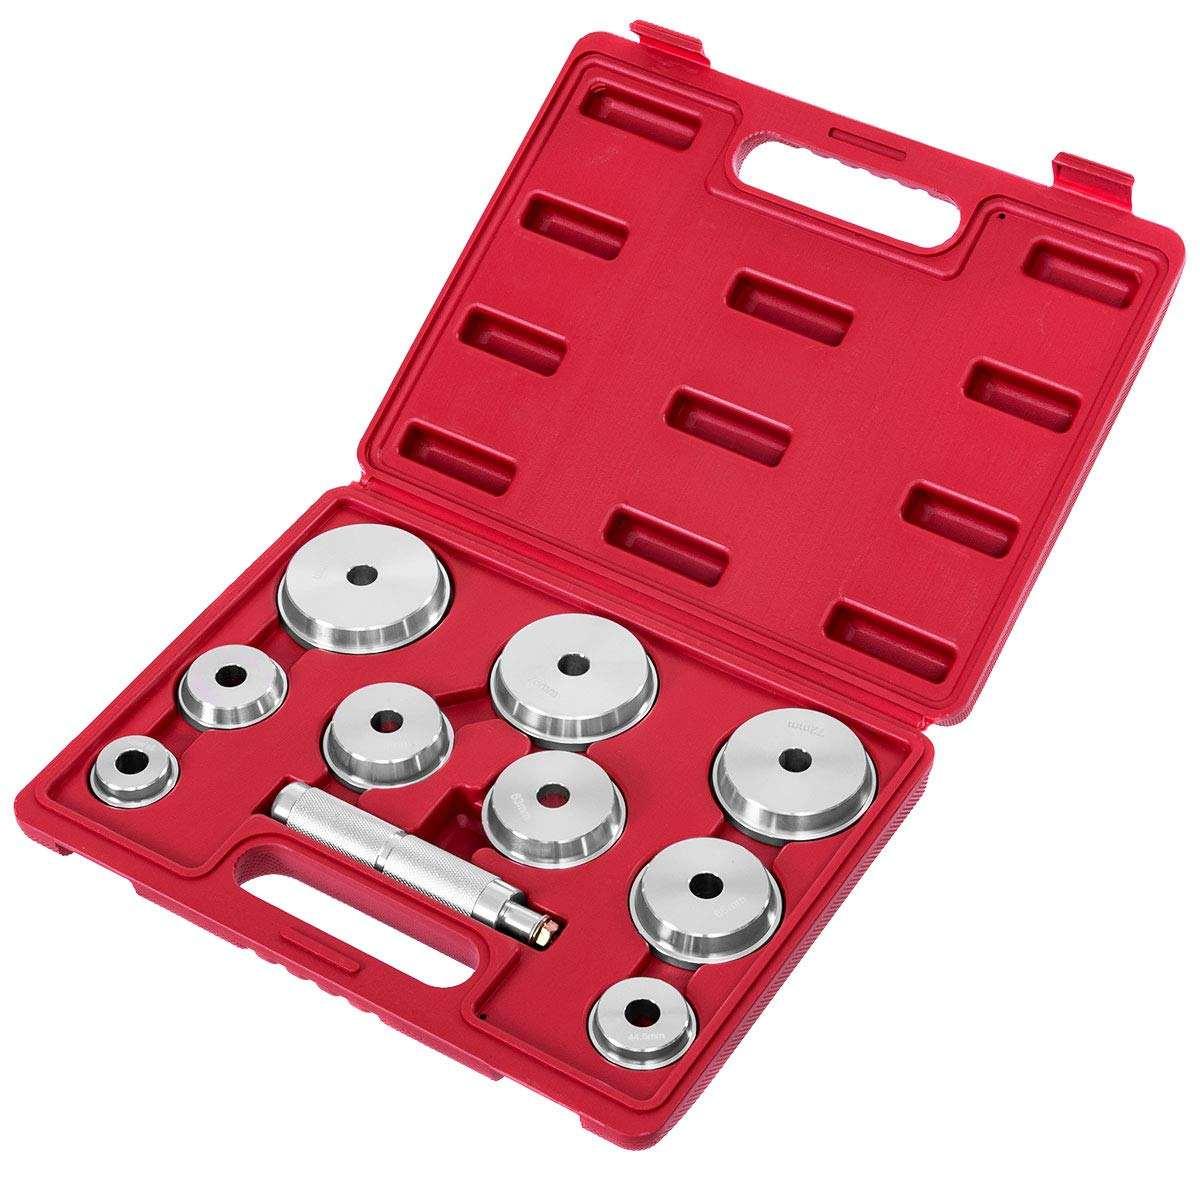 10 шт. подшипник гонки и печать драйвер установщик набор remover автомобильные инструменты